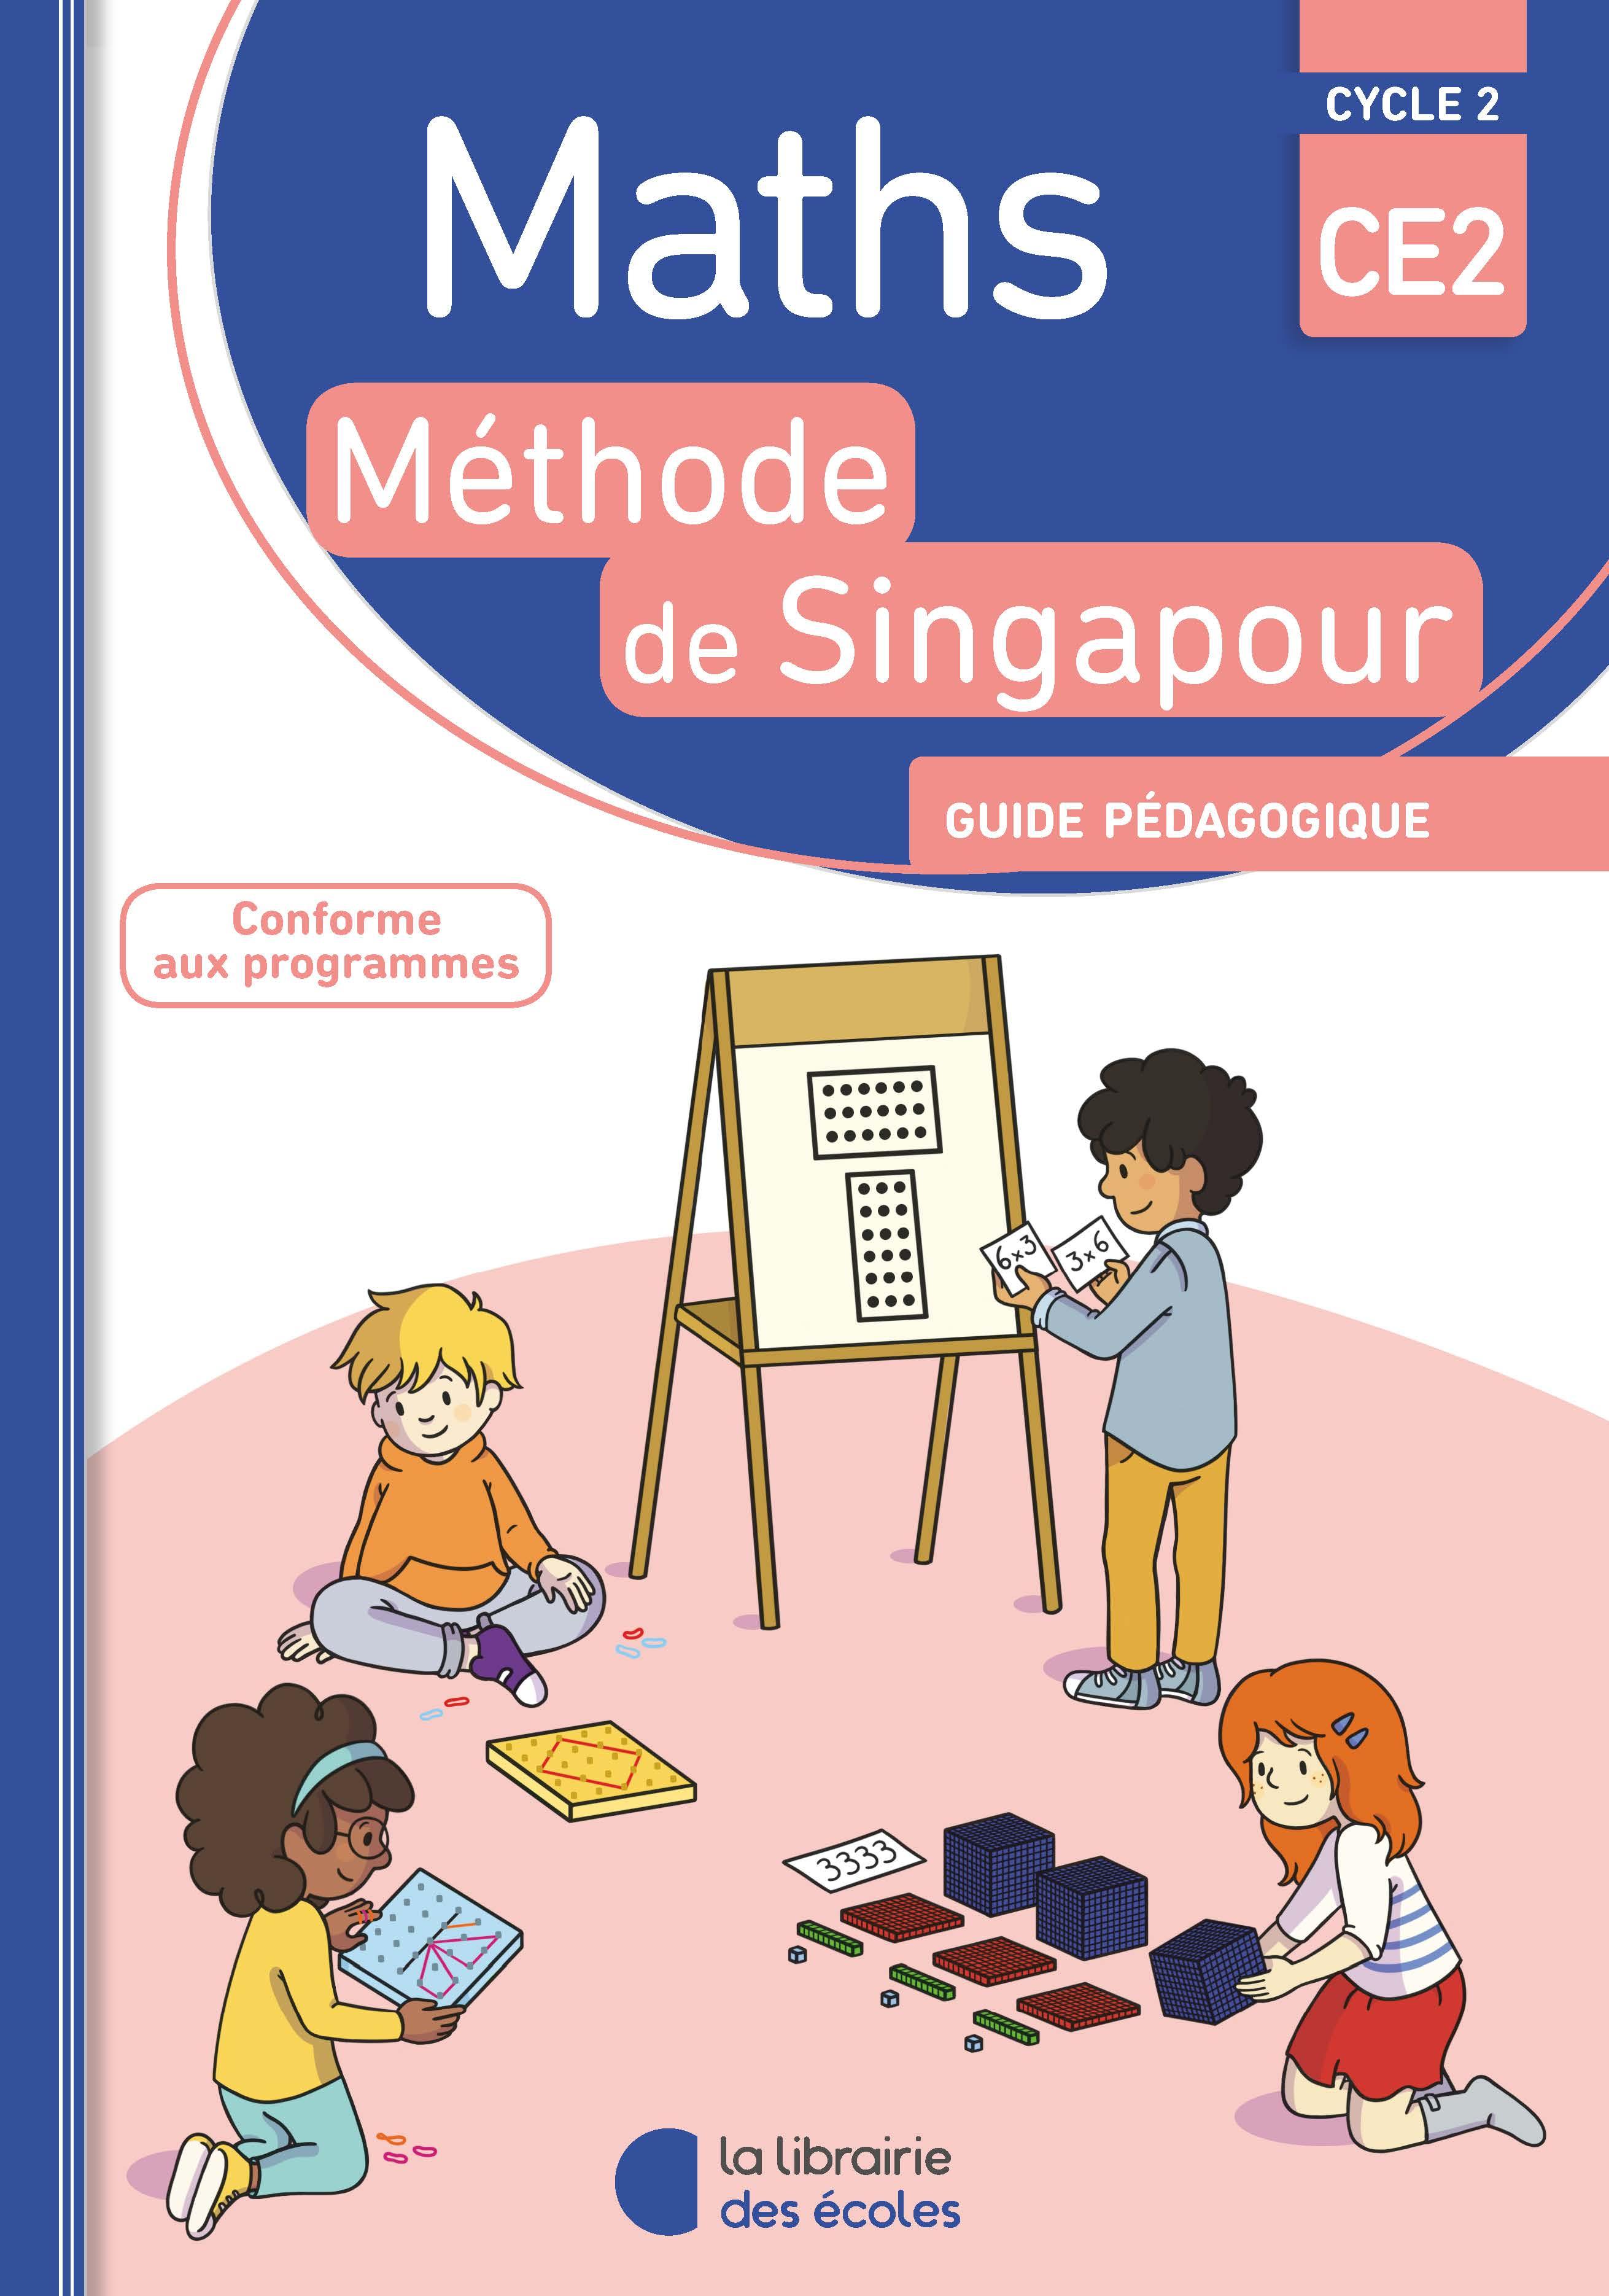 Méthode de Singapour - Guide pédagogique - CE2